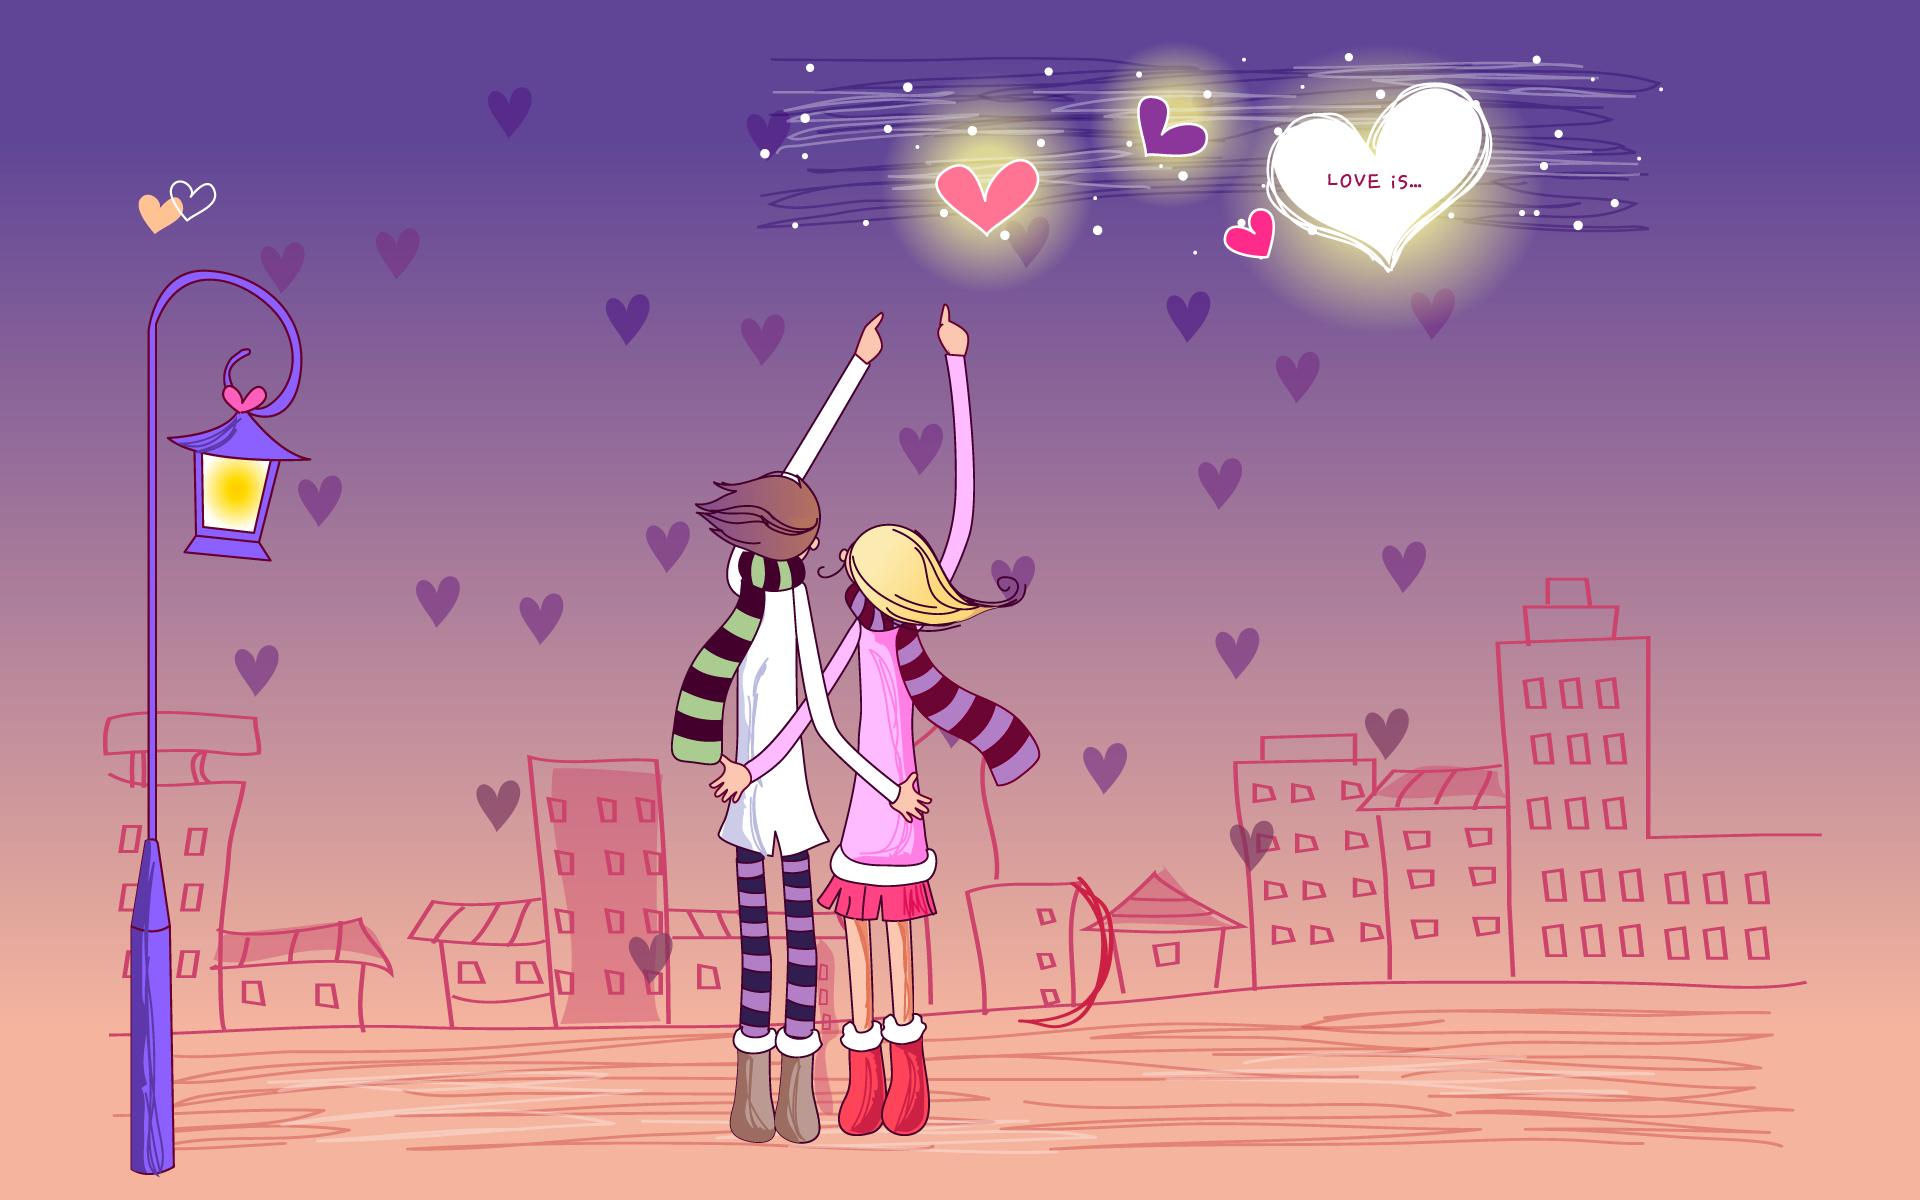 Незвичайні традиції святкування Дня святого Валентина у різних країнах